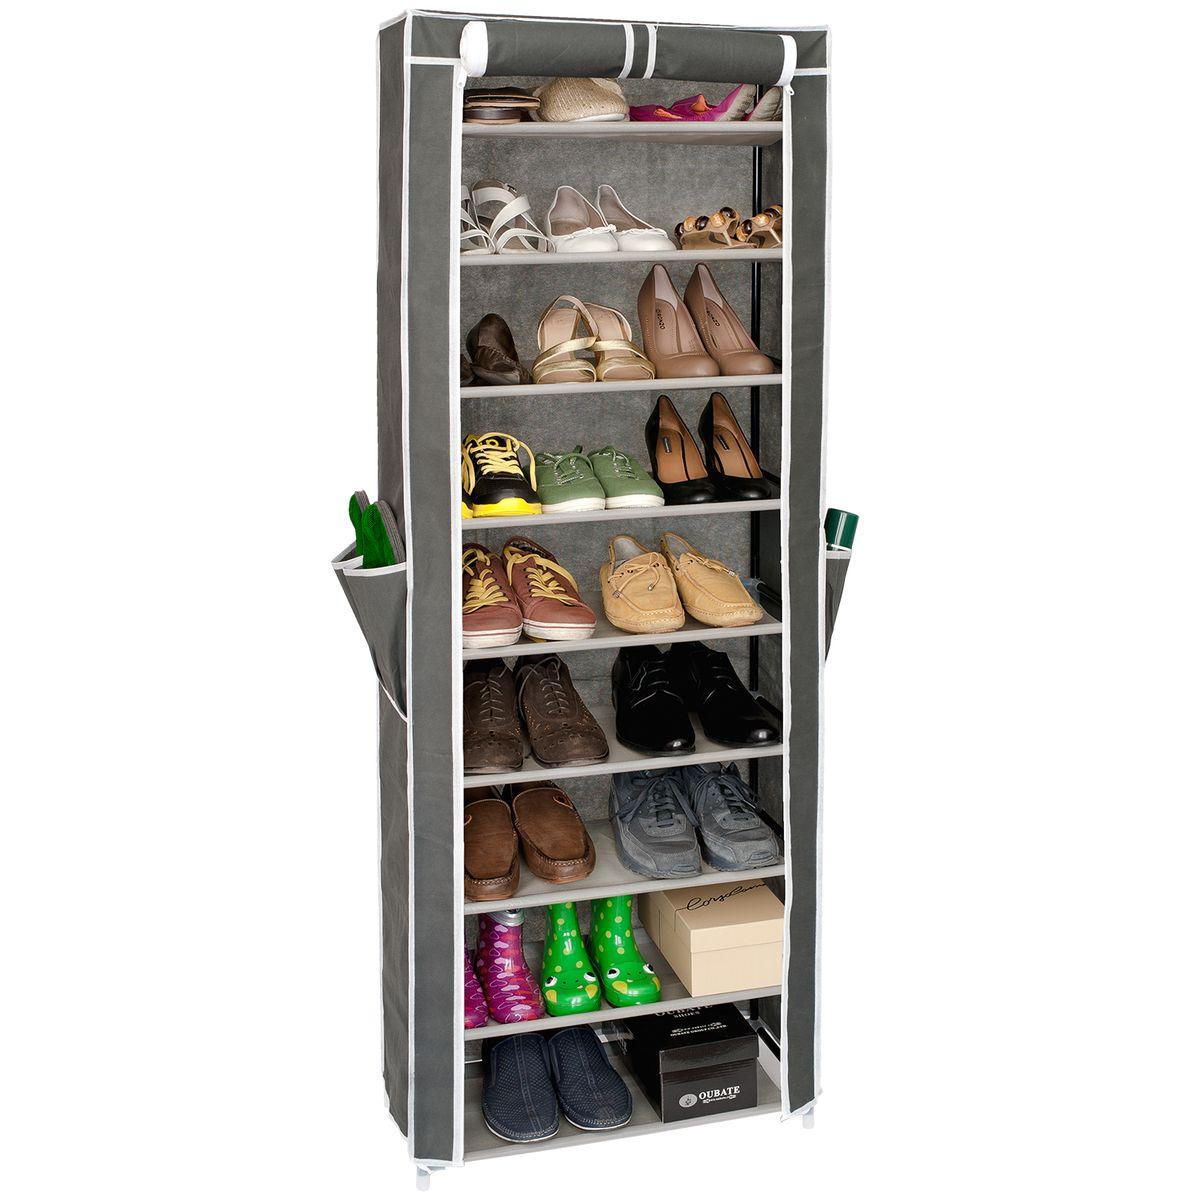 Этажерка для обуви Artmoon Carrie, с нетканым чехлом, 9 полок, цвет: серыйS03301004Artmoon CARRIE Этажерка для обуви с нетканым чехлом, 9 полок для 27 пар обуви (+ 4 кармашка на чехле). Размер: 58*29*160 см, цвет: темно-серый. Полки съемные, регулируется под обувь любой высоты. Нетканый чехол защищает от пыли, две молний, фиксируется липучкой в открытом виде, полки с полипропиленовой пропиткой не боятся влаги для легкой уборки. Материал: стальные трубы, пластиковые соединители, нетканый чехол, 2 молнии, 1 липучка. Упаковка: цветная коробка с ручкой.